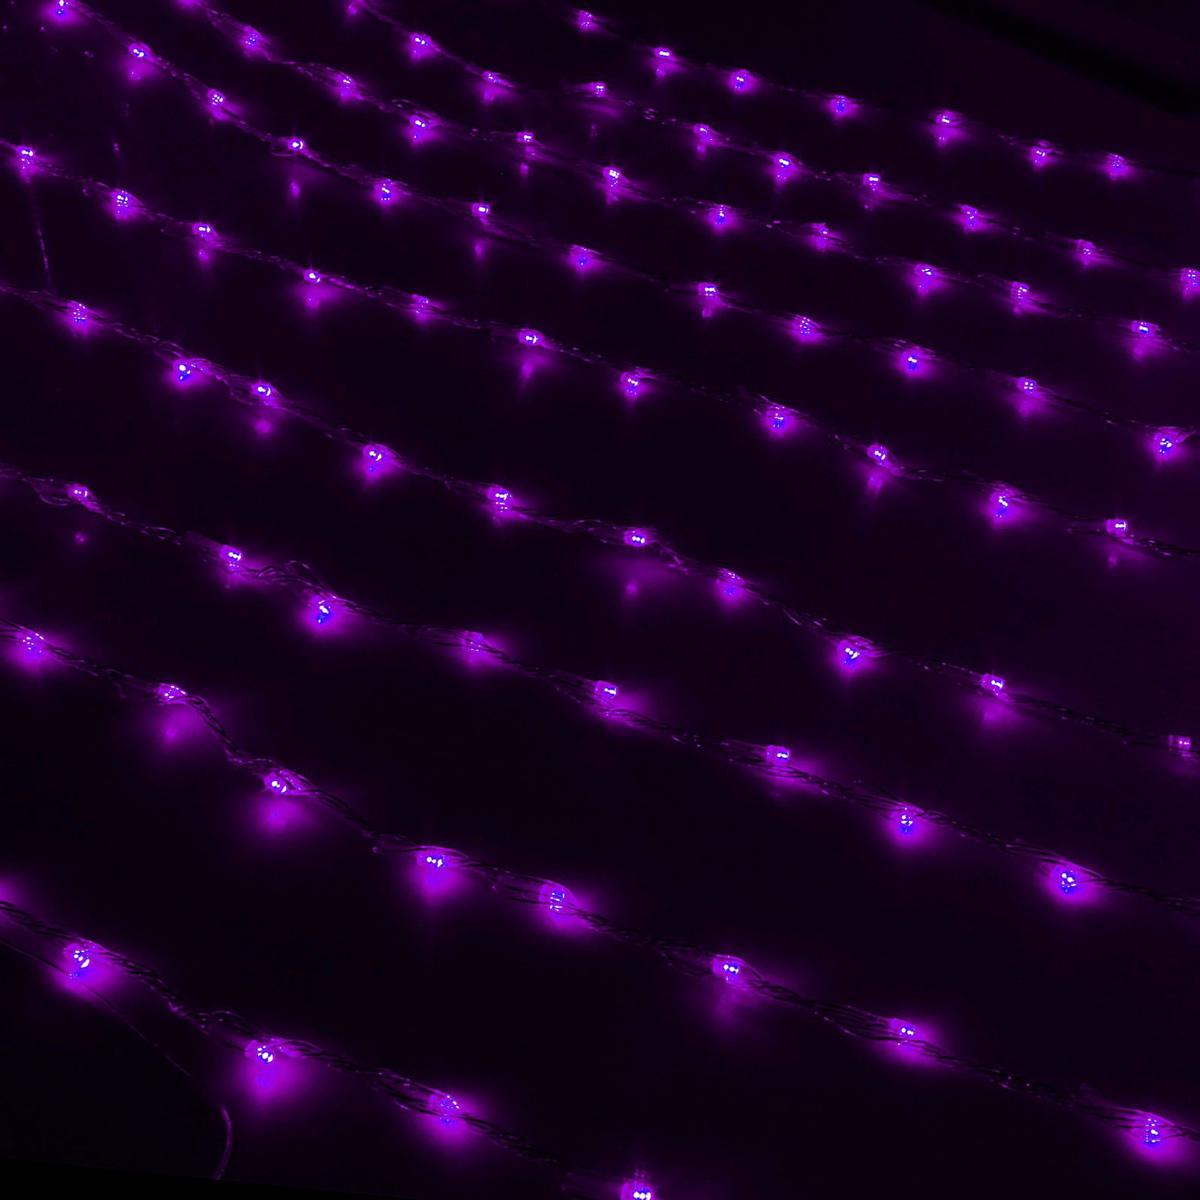 Гирлянда светодиодная Luazon Дождь, уличная, 8 режимов, 1500 ламп, 220 V, цвет: фиолетовый, 2 х 6 м. 187309187309Светодиодные гирлянды, ленты и т.д — это отличный вариант для новогоднего оформления интерьера или фасада. С их помощью помещение любого размера можно превратить в праздничный зал, а внешние элементы зданий, украшенные ими, мгновенно станут напоминать очертания сказочного дворца. Такие украшения создают ауру предвкушения чуда. Деревья, фасады, витрины, окна и арки будто специально созданы, чтобы вы украсили их светящимися нитями.